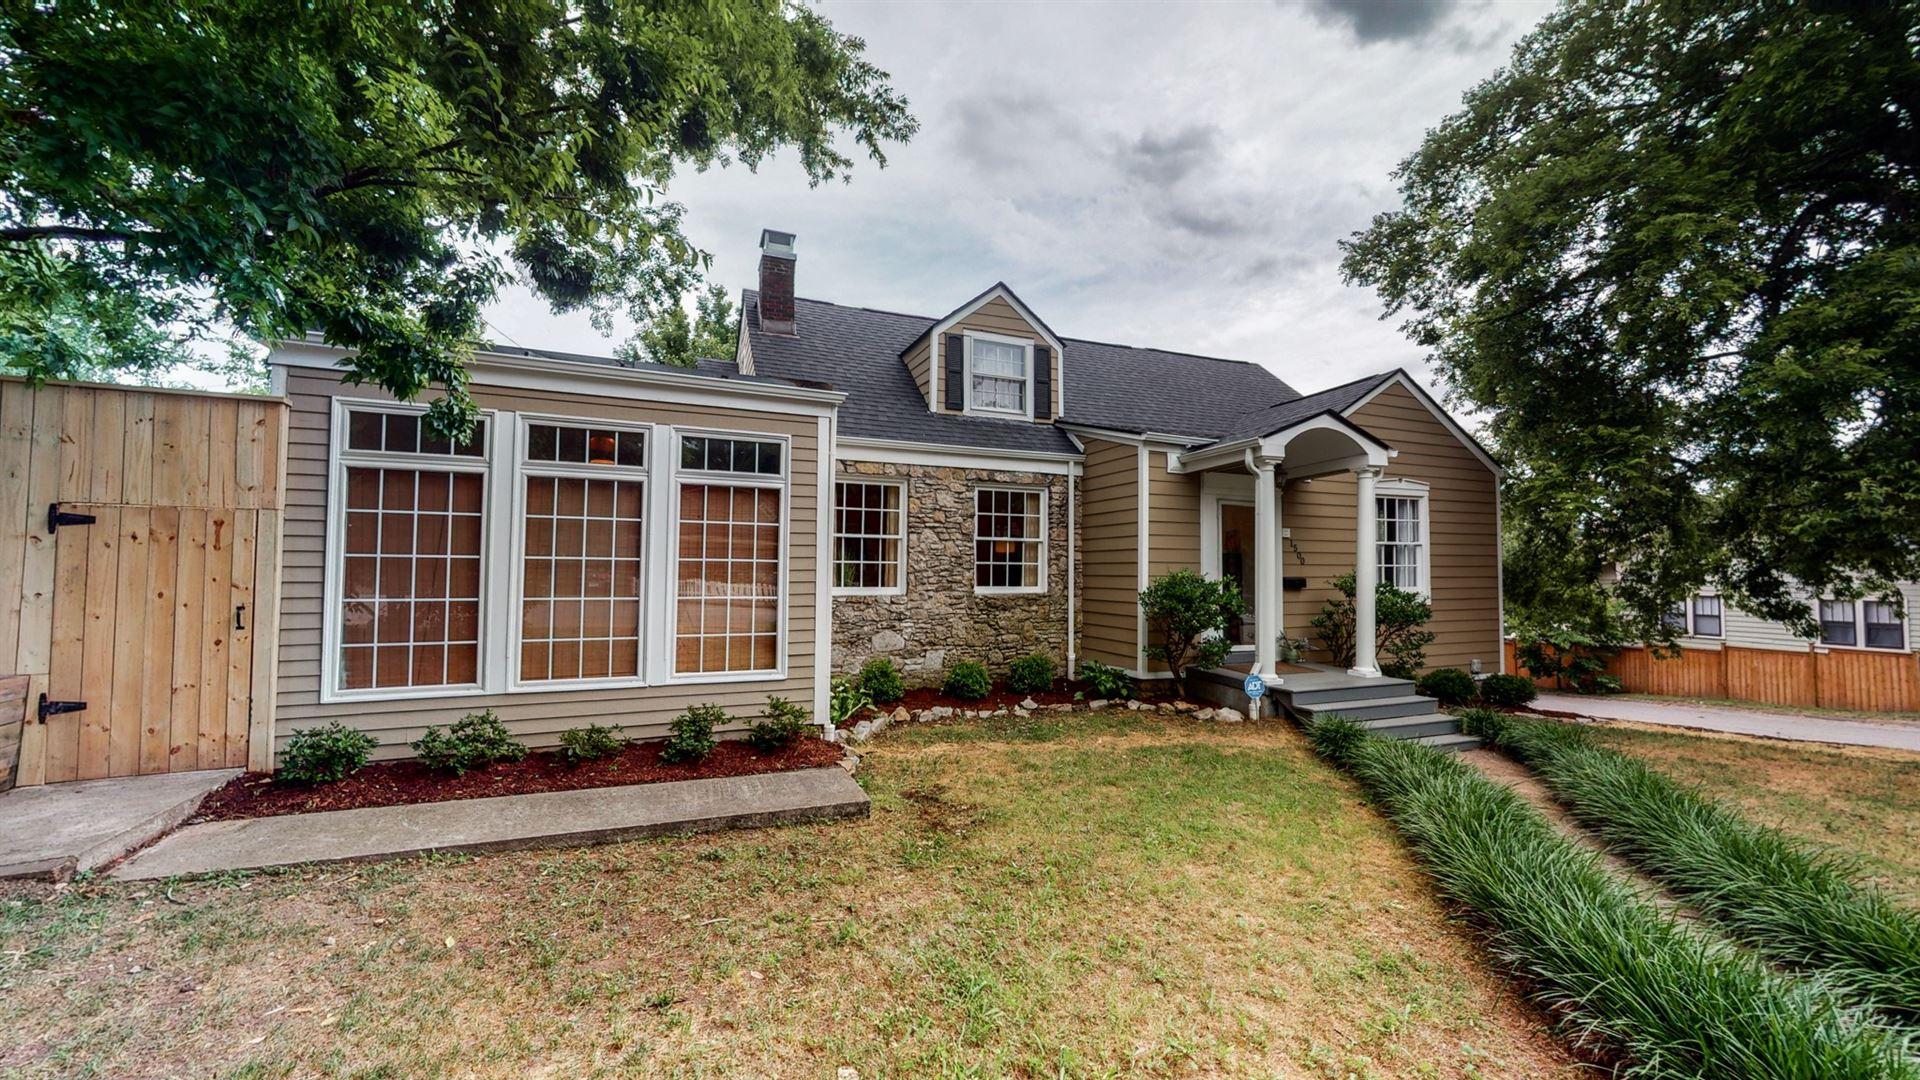 Photo of 1500 Woodland St, Nashville, TN 37206 (MLS # 2163093)